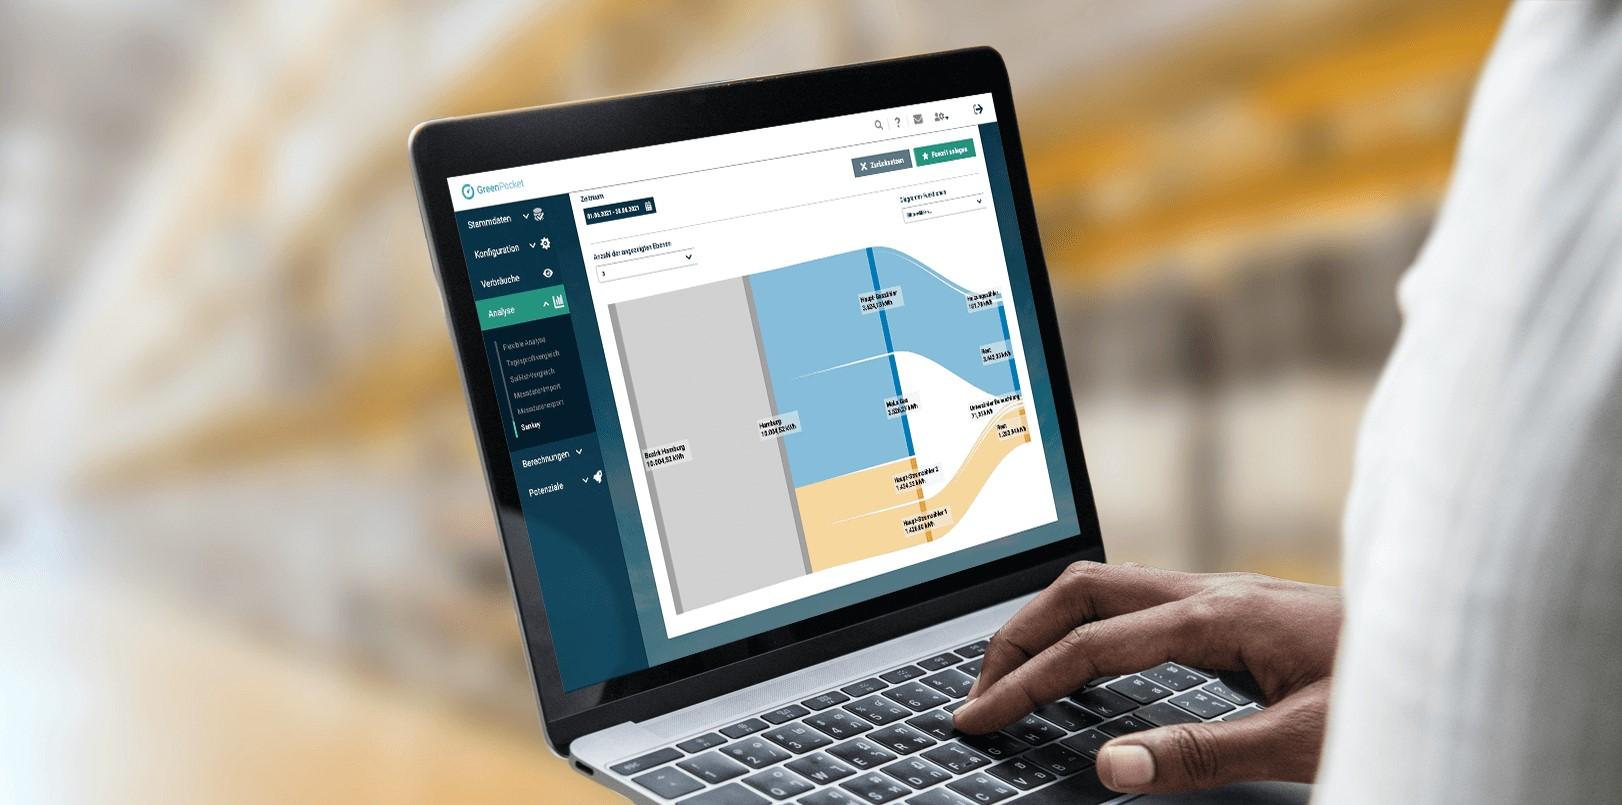 EnMS als Energieeffizienz-Tool: Flexible Messreihen, zahlreiche Anwendungsfälle für Gewerbekunden